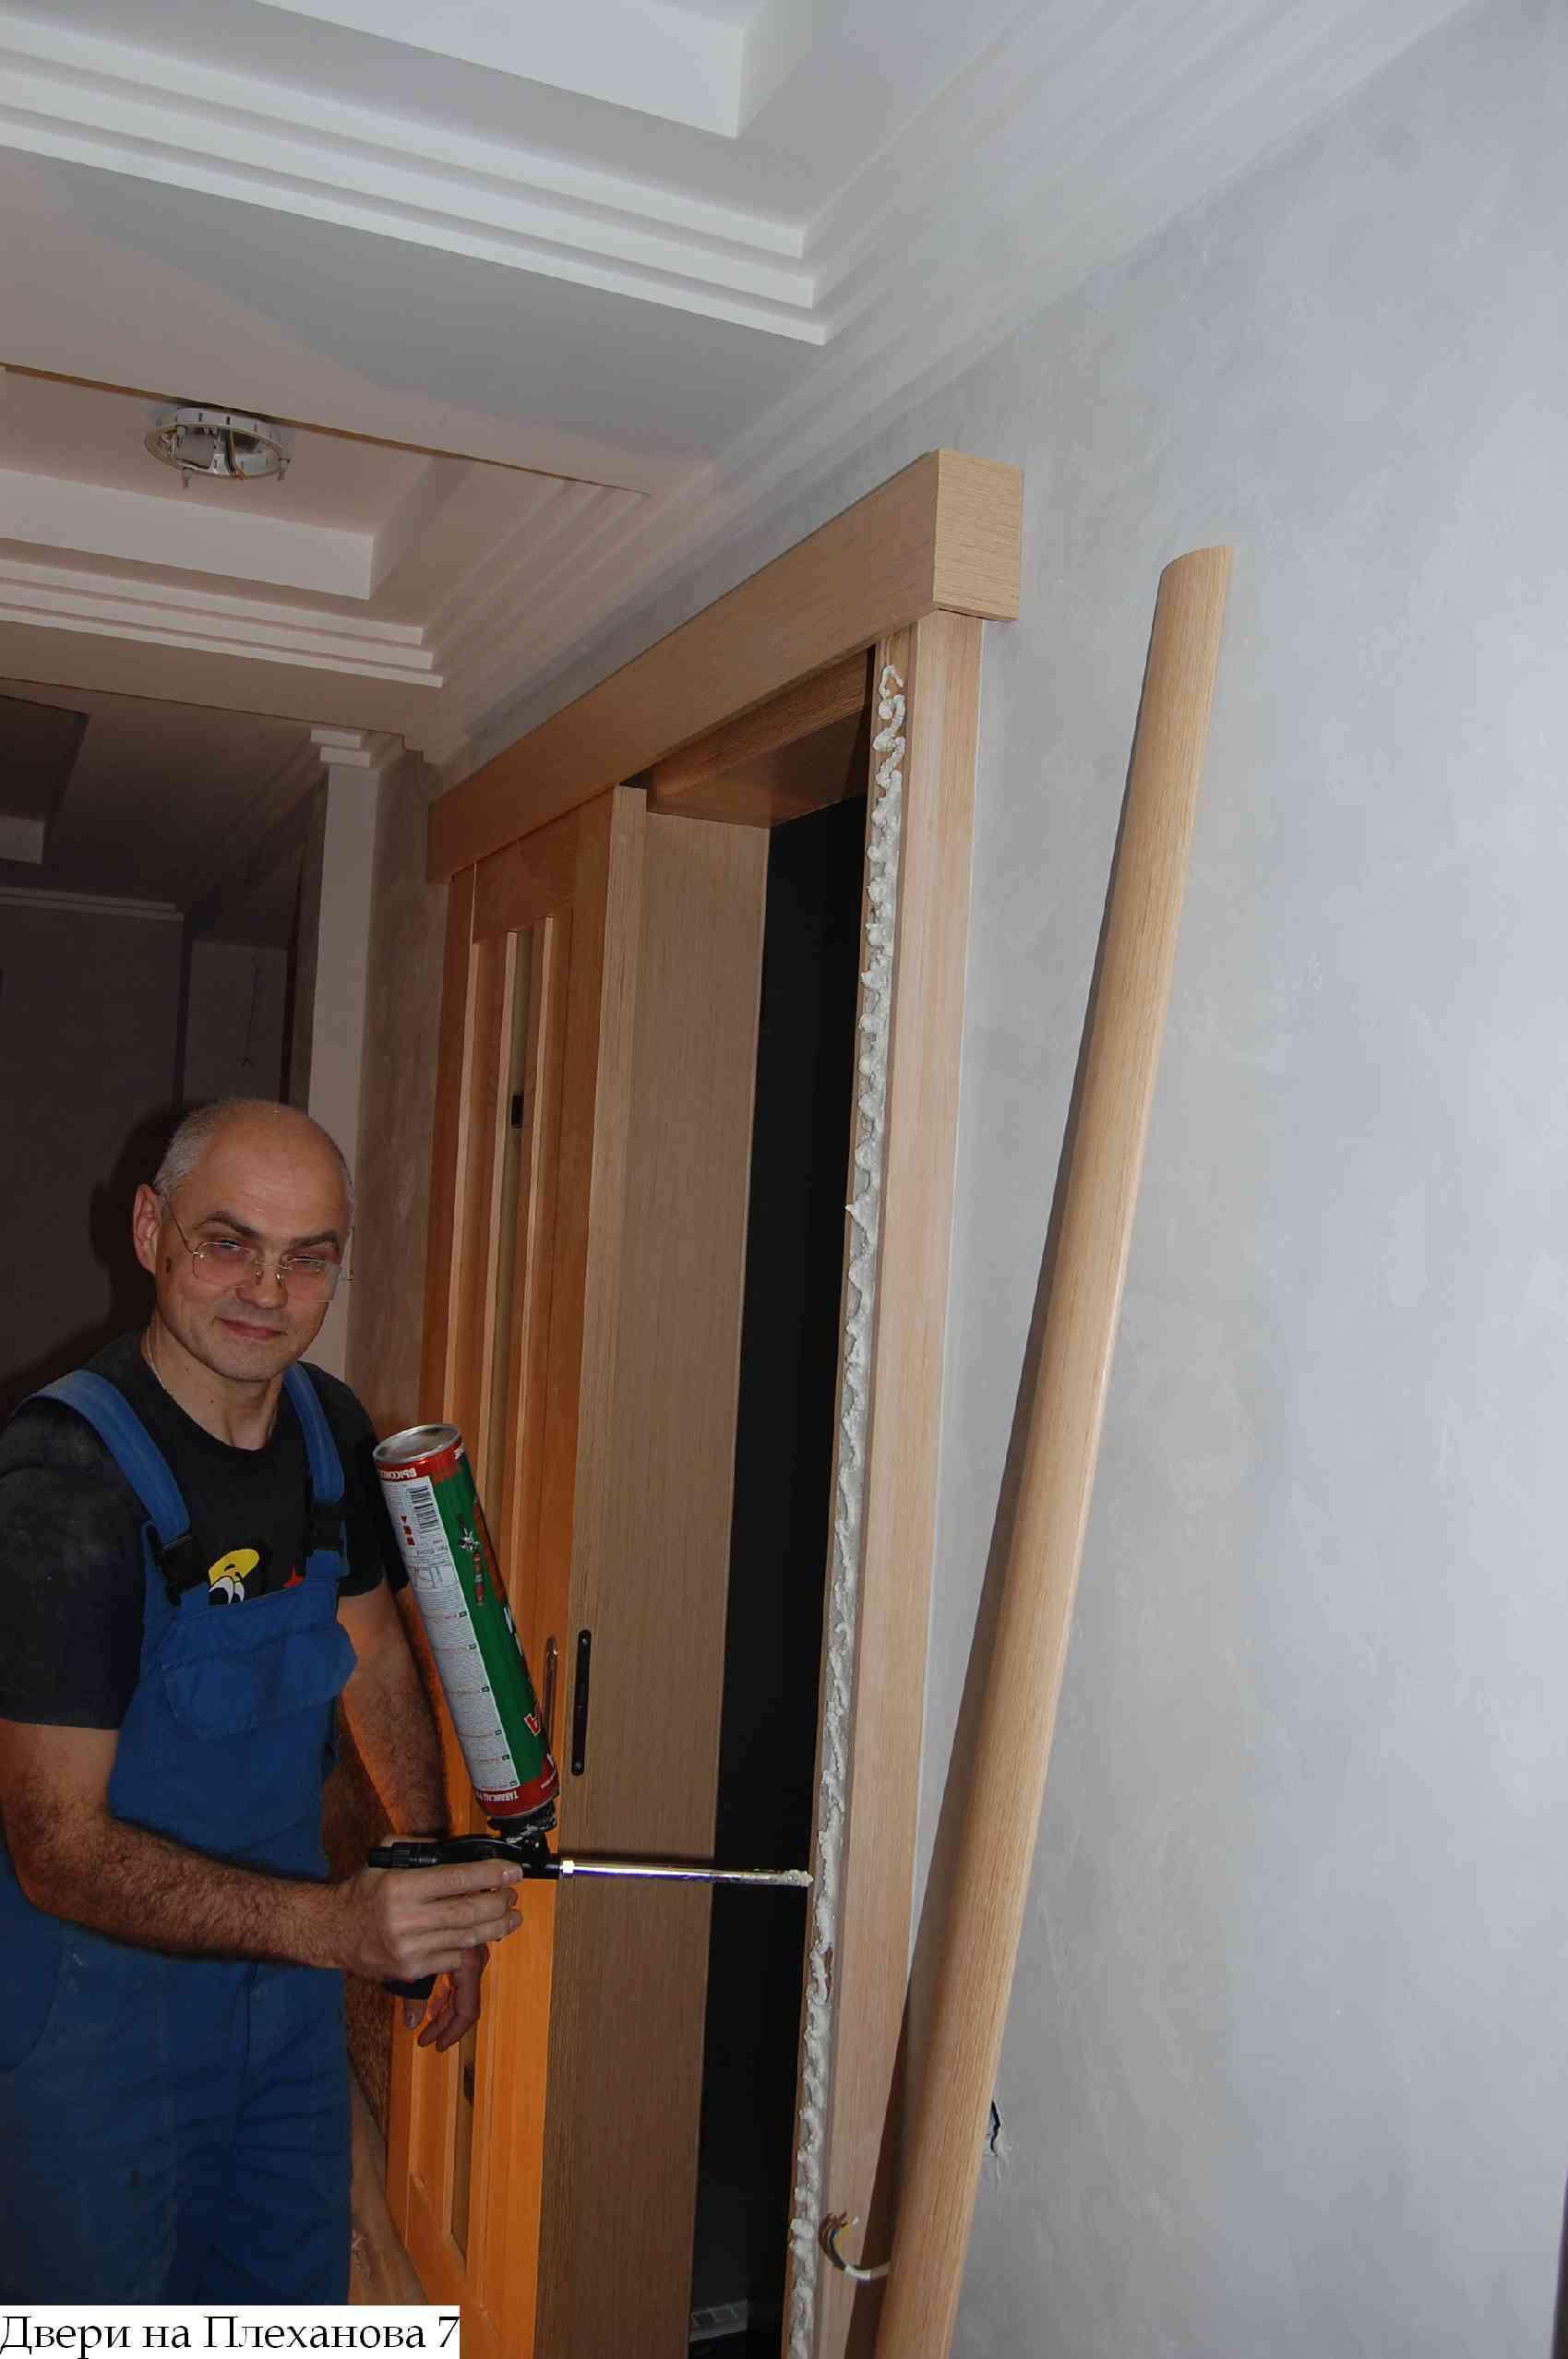 этом еще когда ставить входную дверь при ремонте или функциональное нижнее